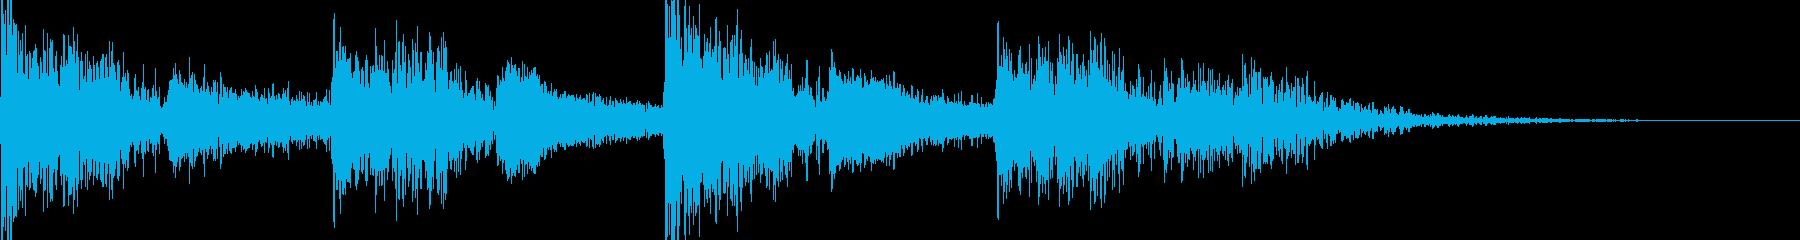 映画のトレーラー風 ドラムの再生済みの波形